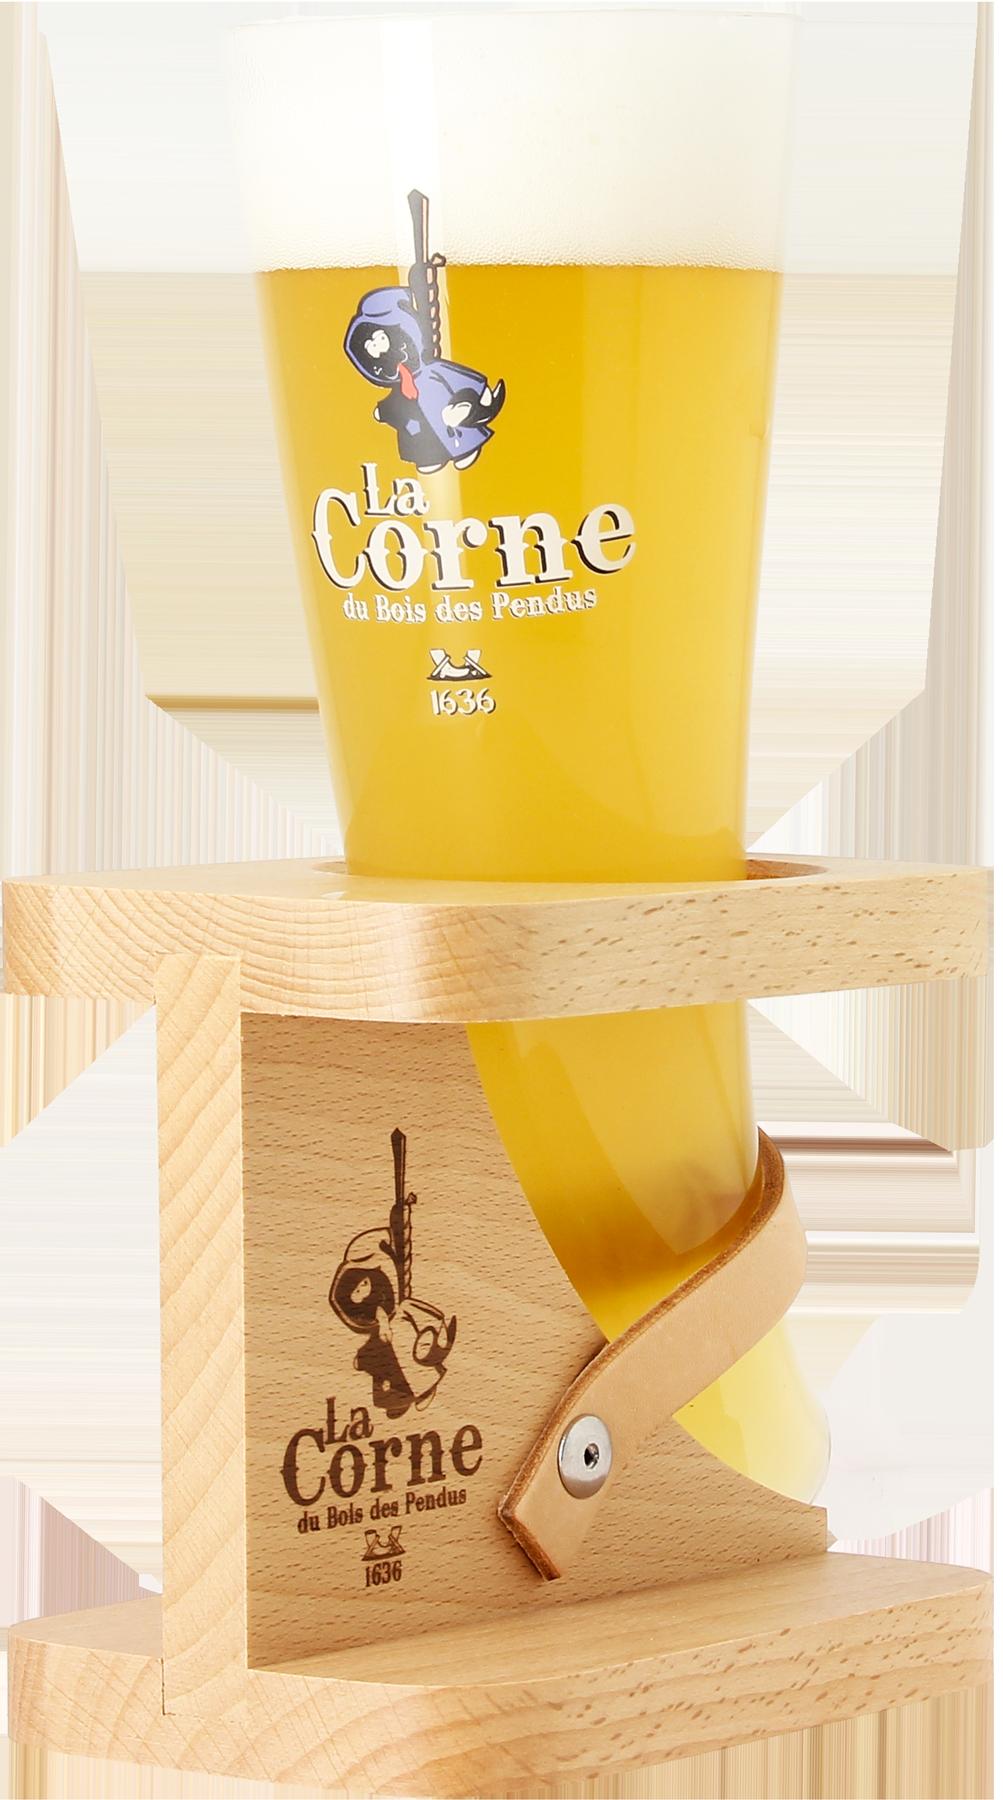 1 Verre 2 bi/ères Coffret La Corne du Bois des Pendus